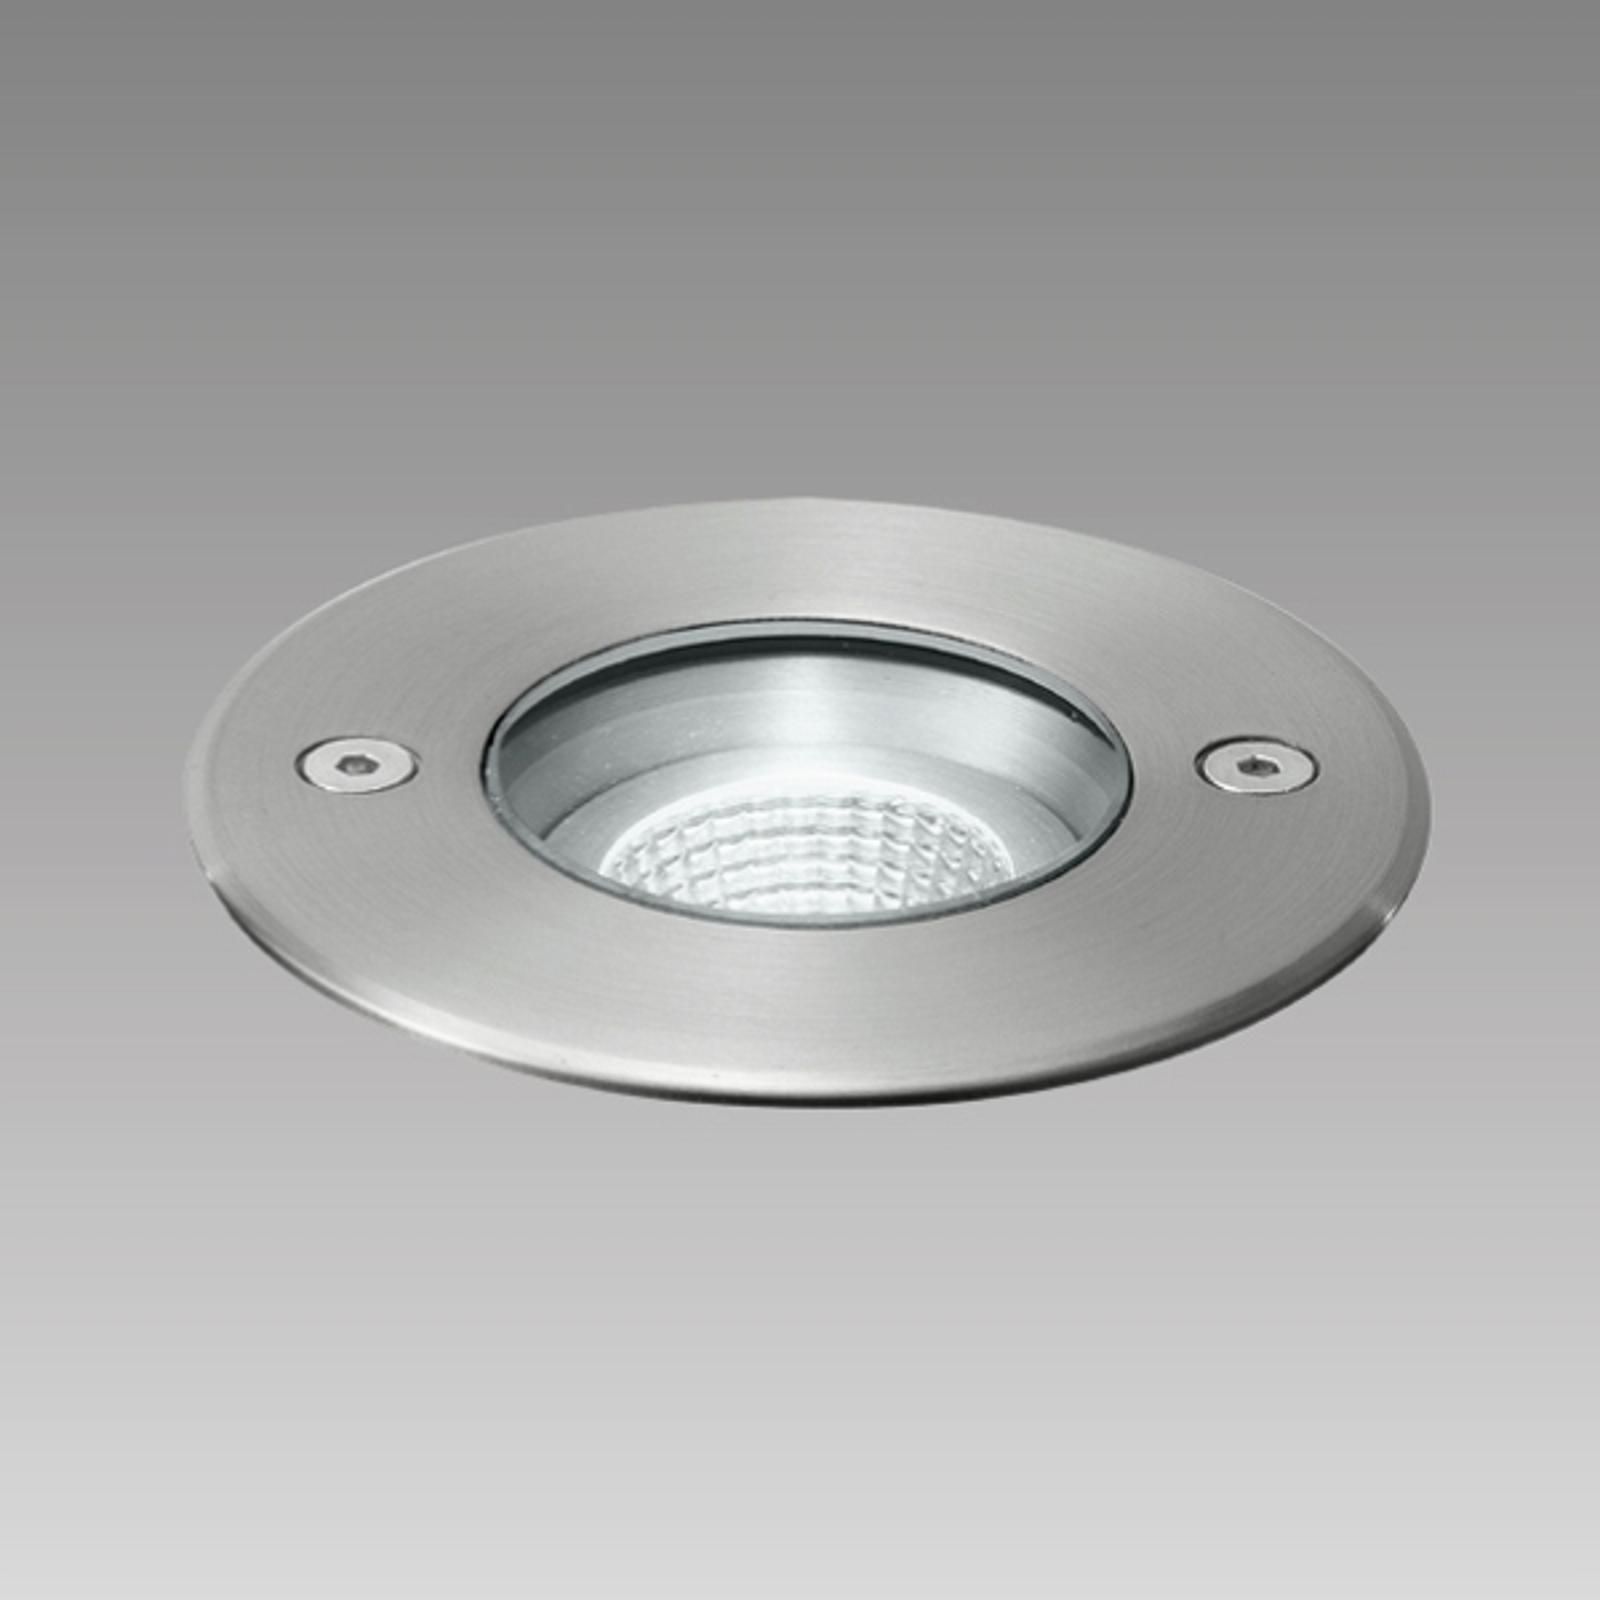 Oceľové zapustené svietidlo Frisco LED IP67_3023078_1